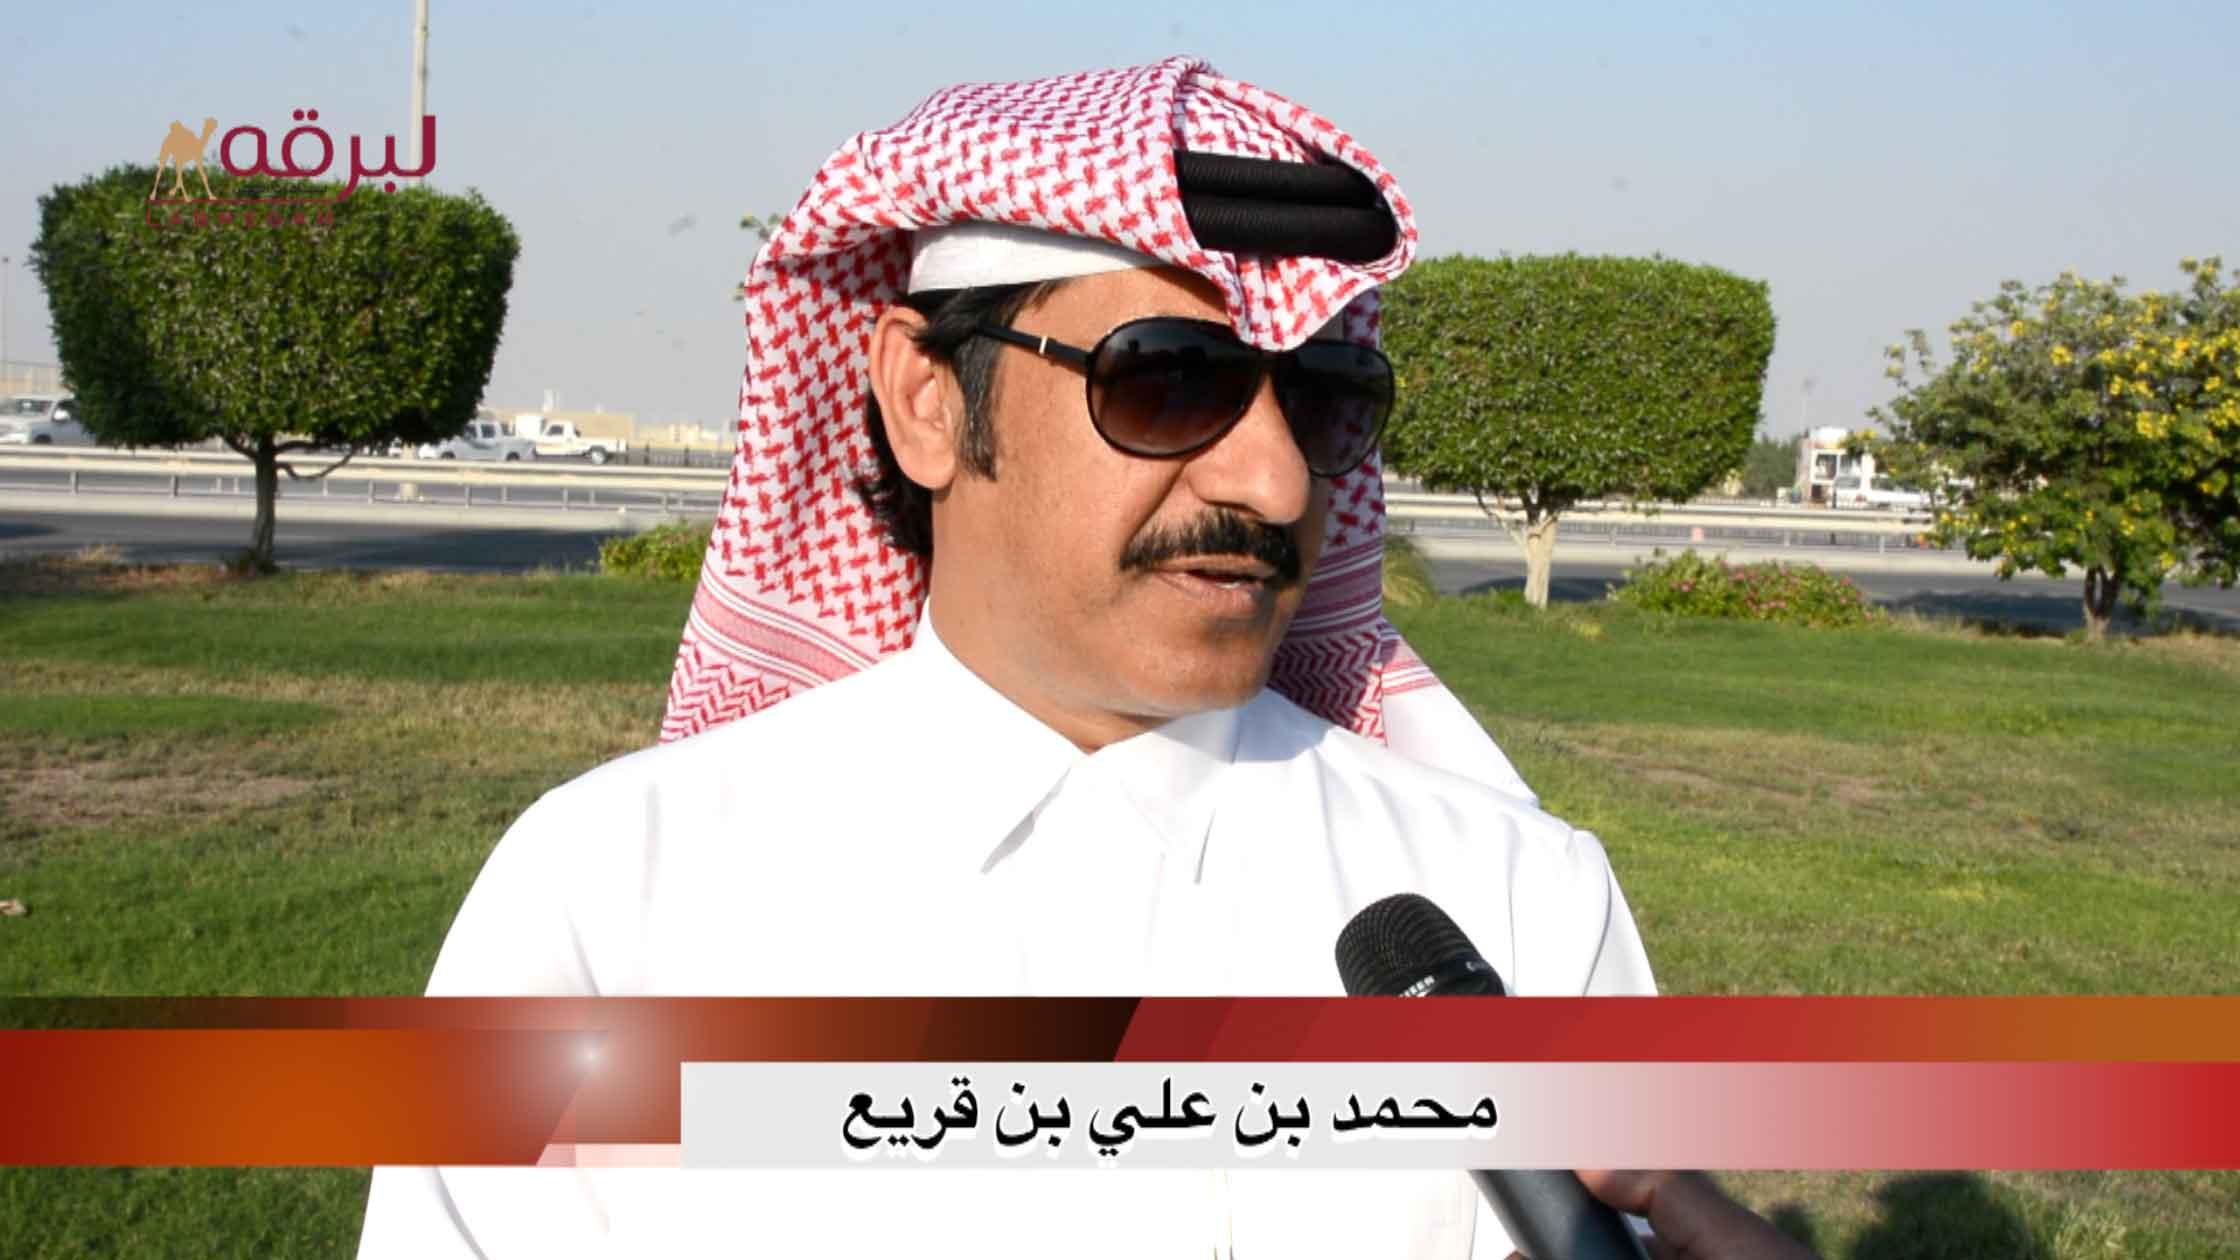 لقاء مع محمد علي بن قريع المري.. الشوط الرئيسي للحقايق قعدان إنتاج الأشواط العامة  ٥-١١-٢٠٢٠